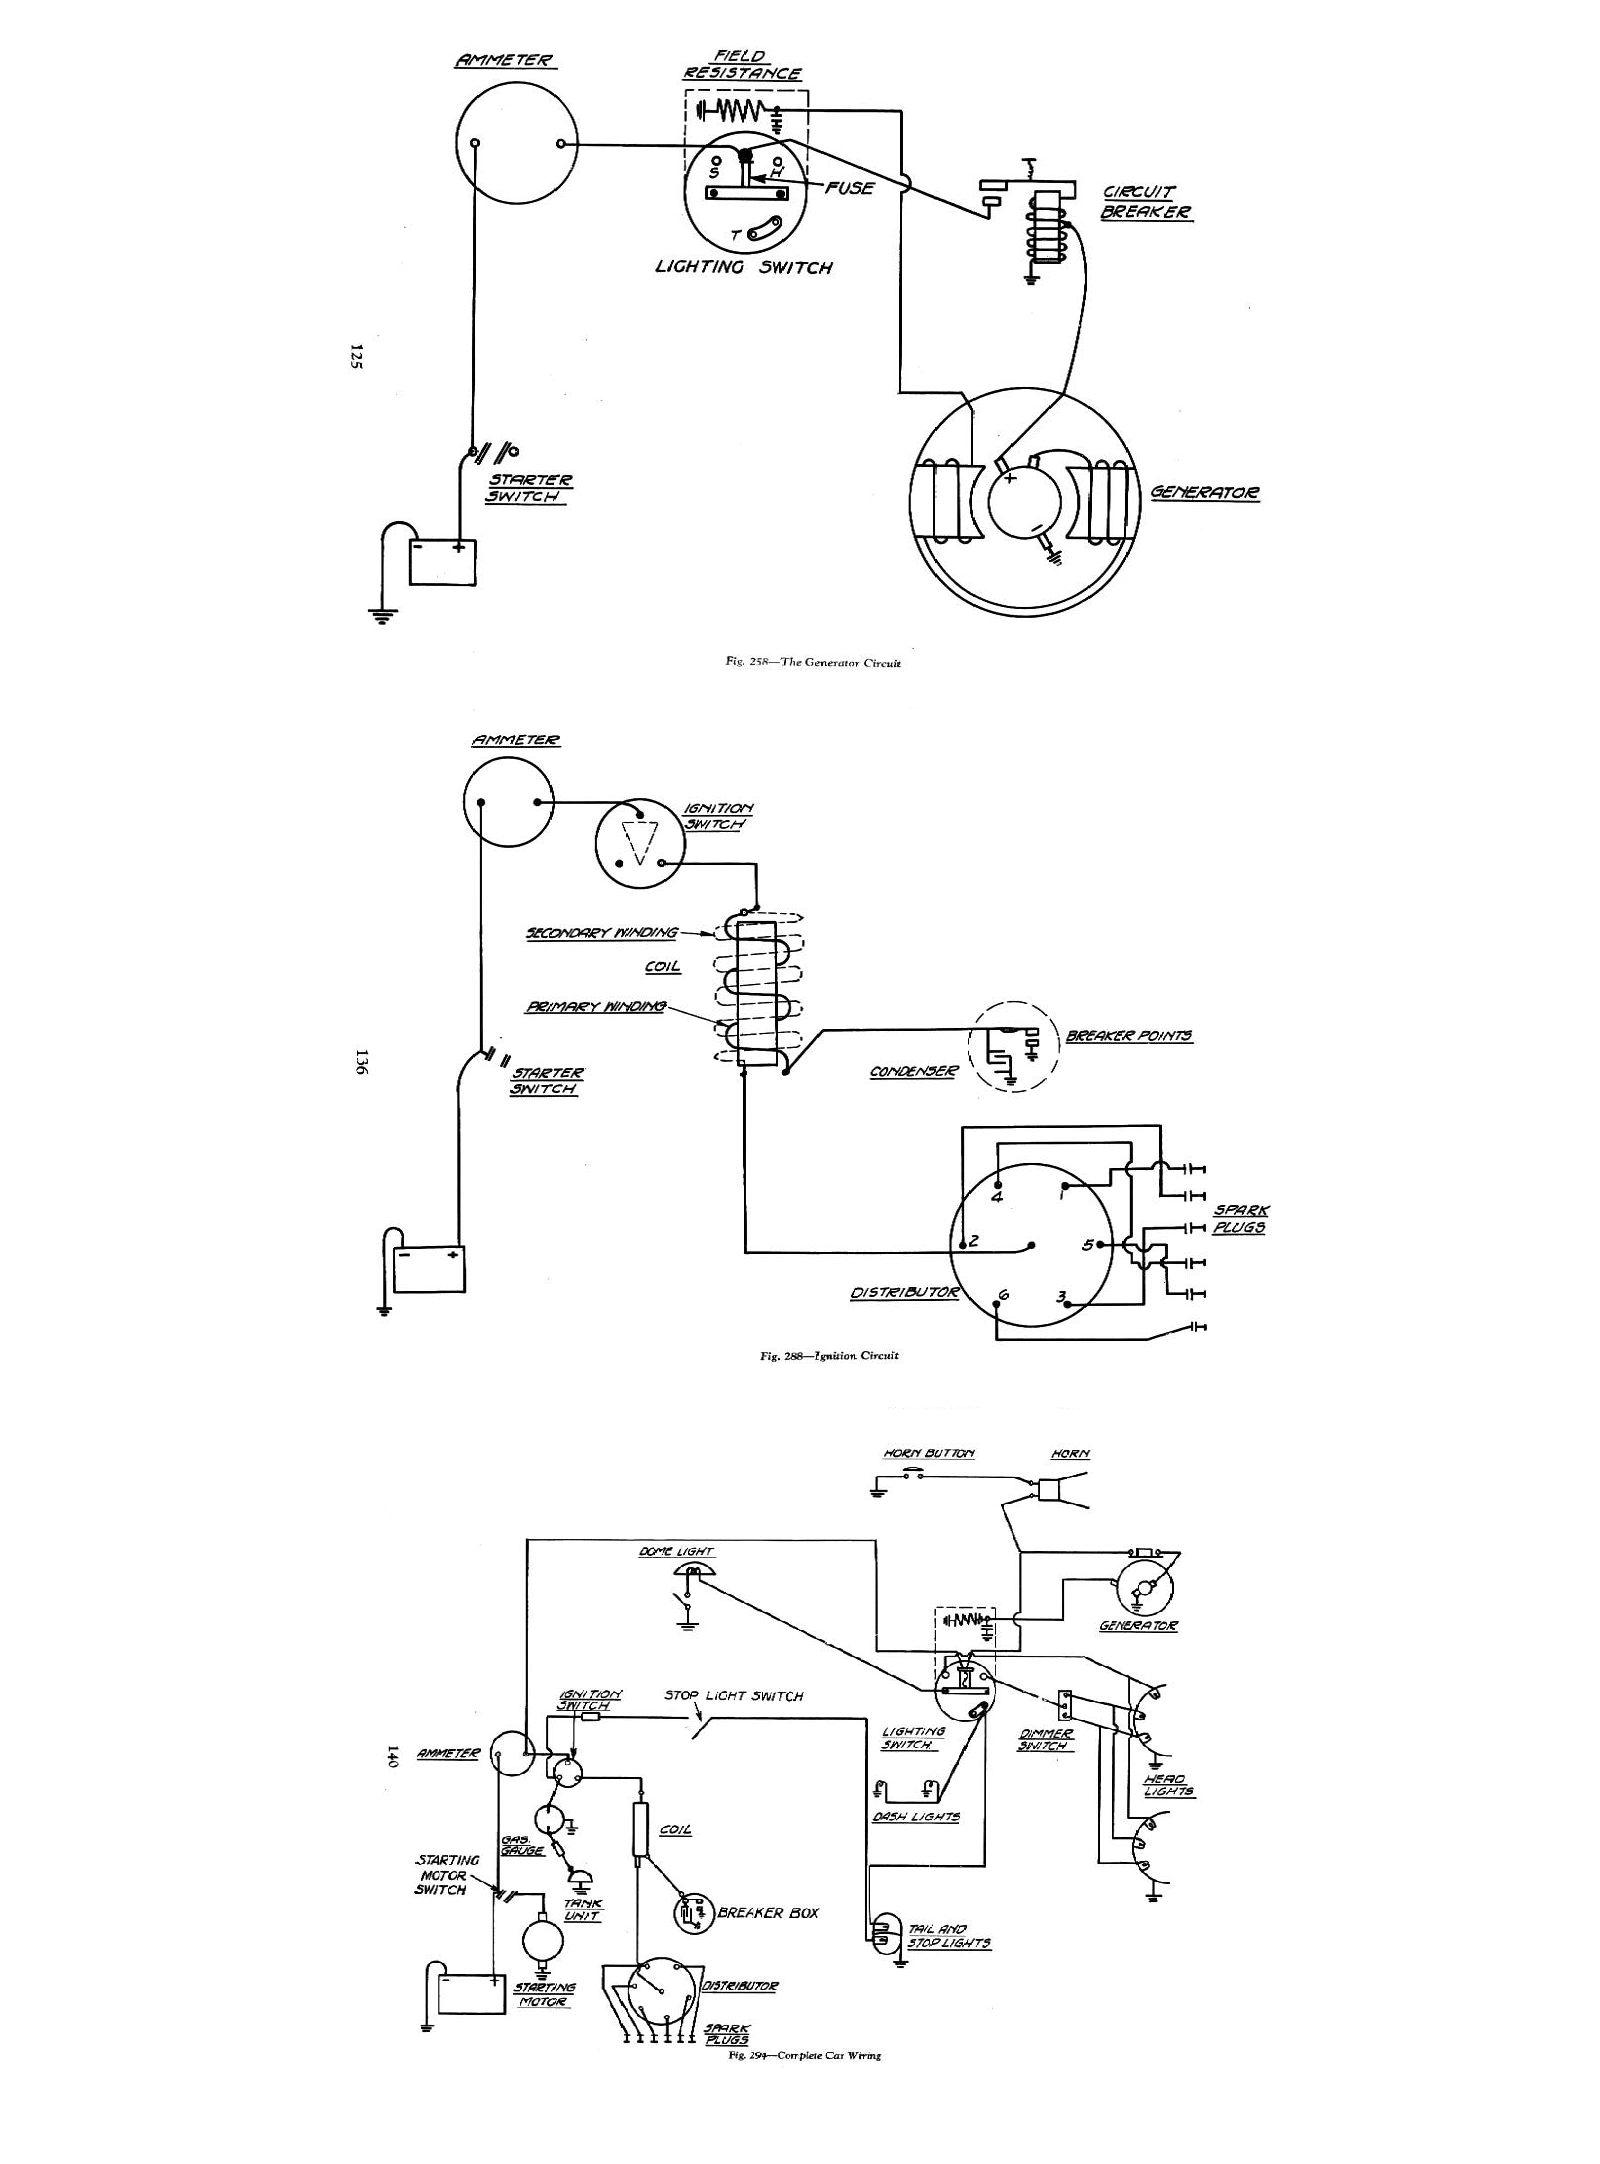 [SCHEMATICS_4FD]  XY_3203] Box Wiring Diagram On Delco Remy 12 Volt Generator Wiring Diagram  Wiring Diagram | Delco Remy 6 Volt Wiring Diagram |  | Eumqu Capem Mohammedshrine Librar Wiring 101